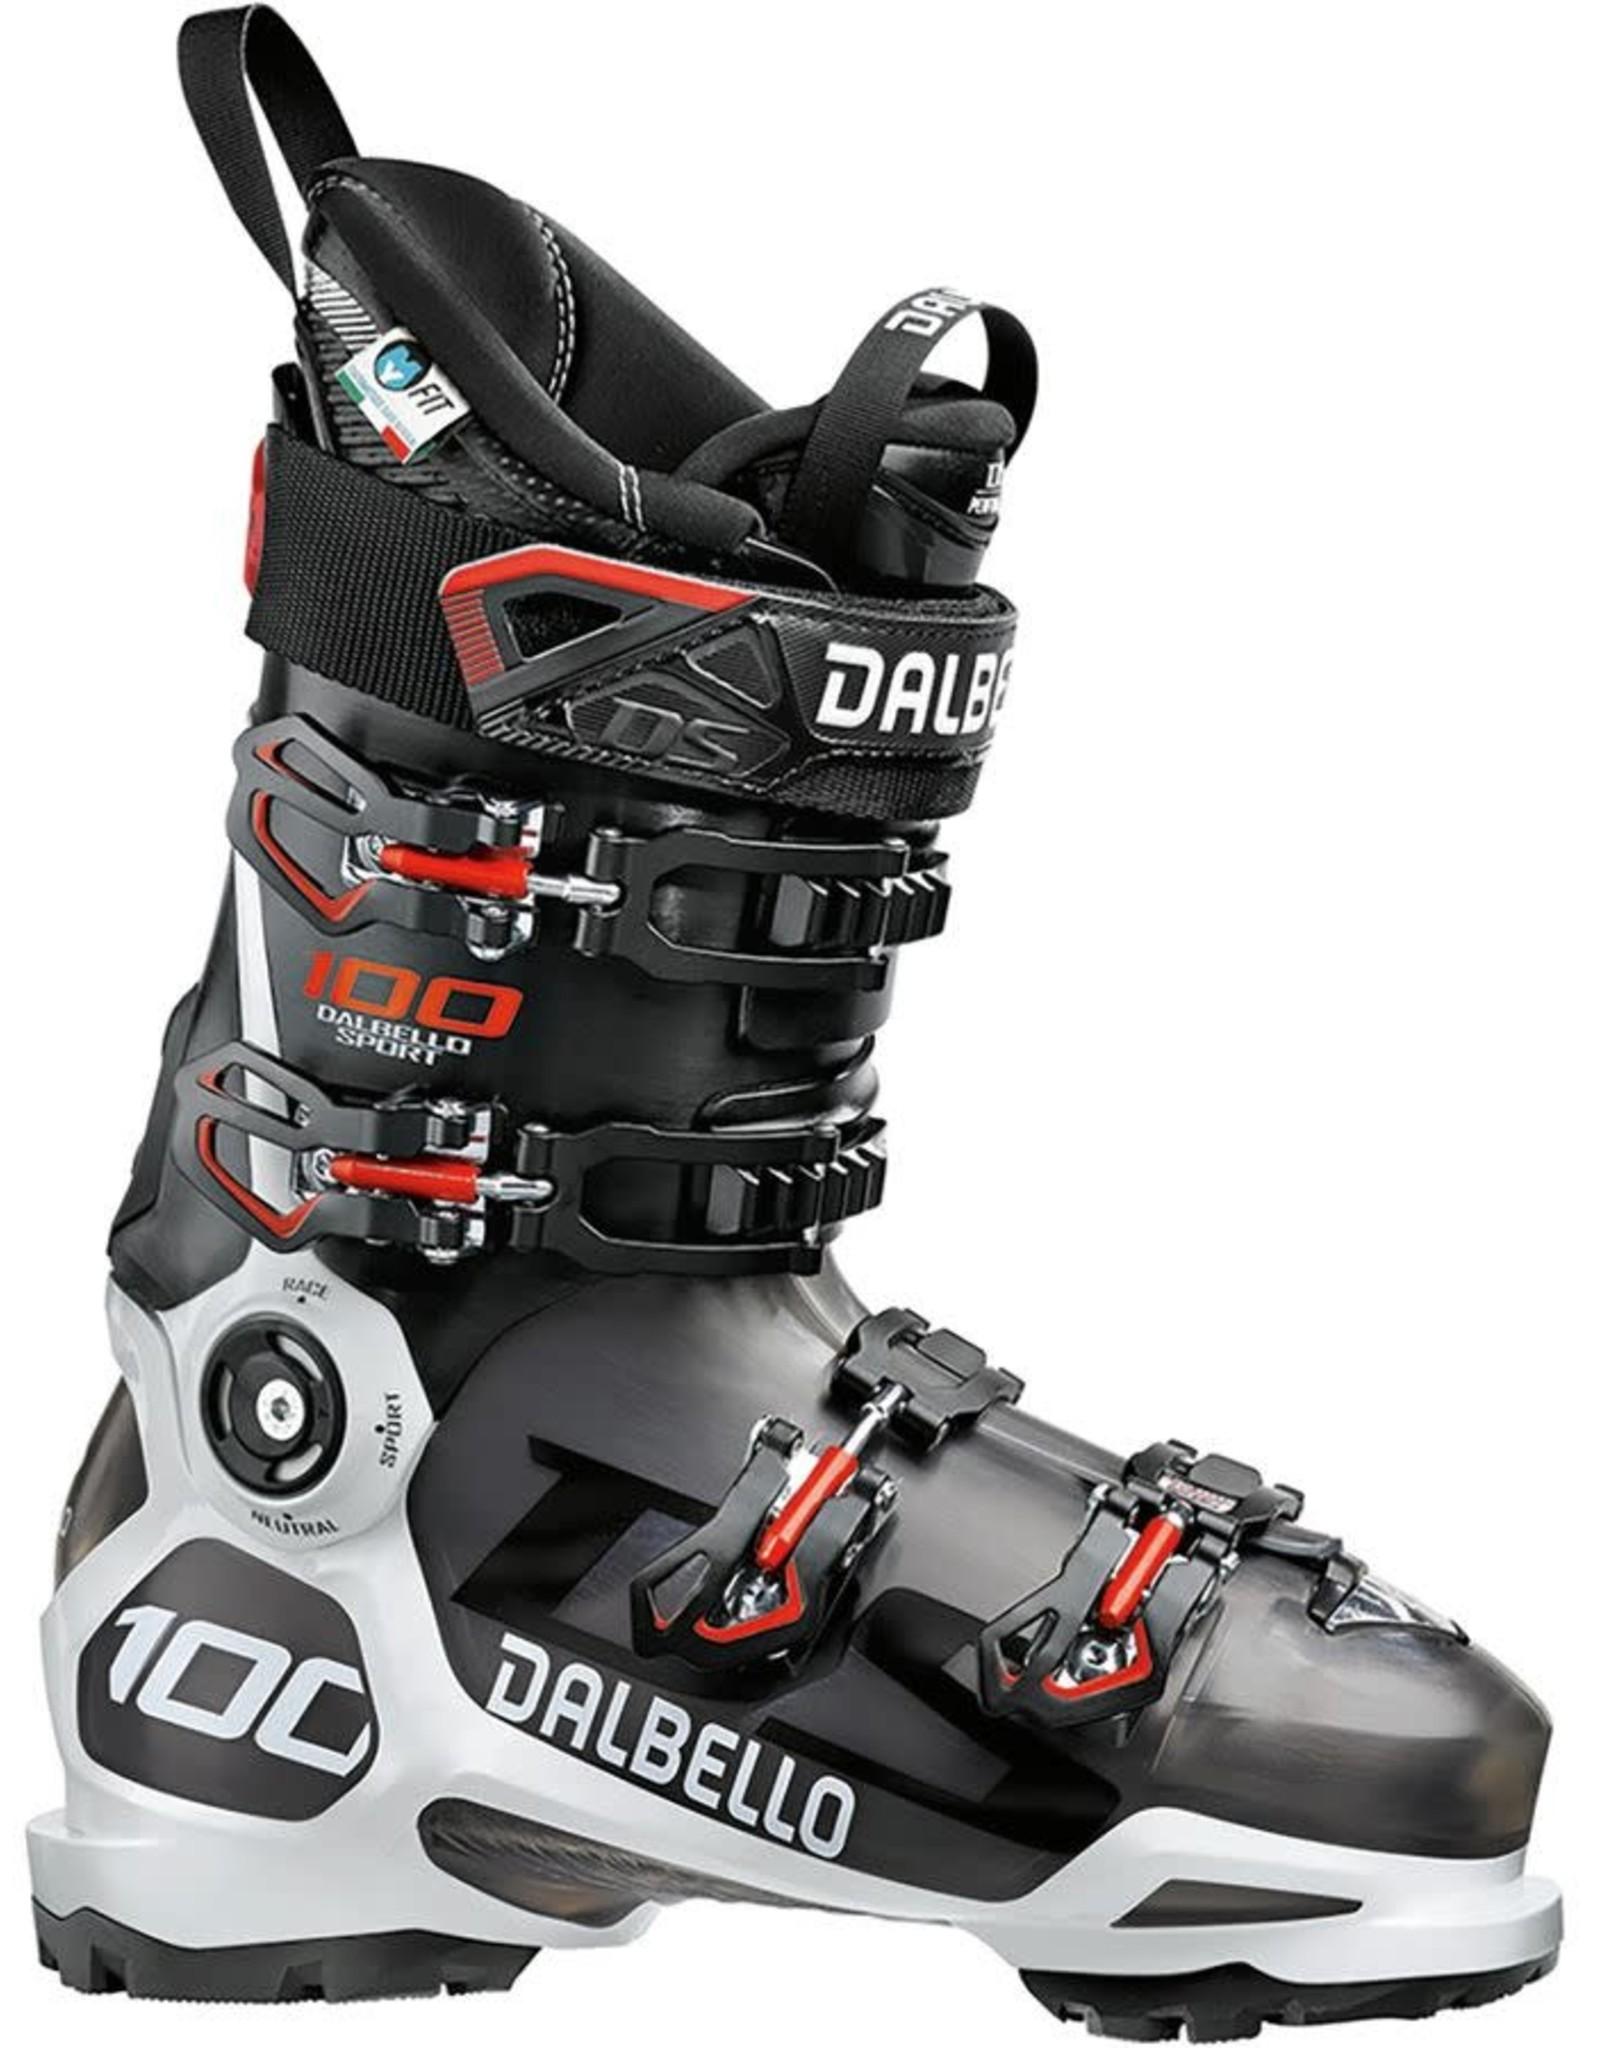 DALBELLO DALBELLO Ski Boots DS 100 (19/20)